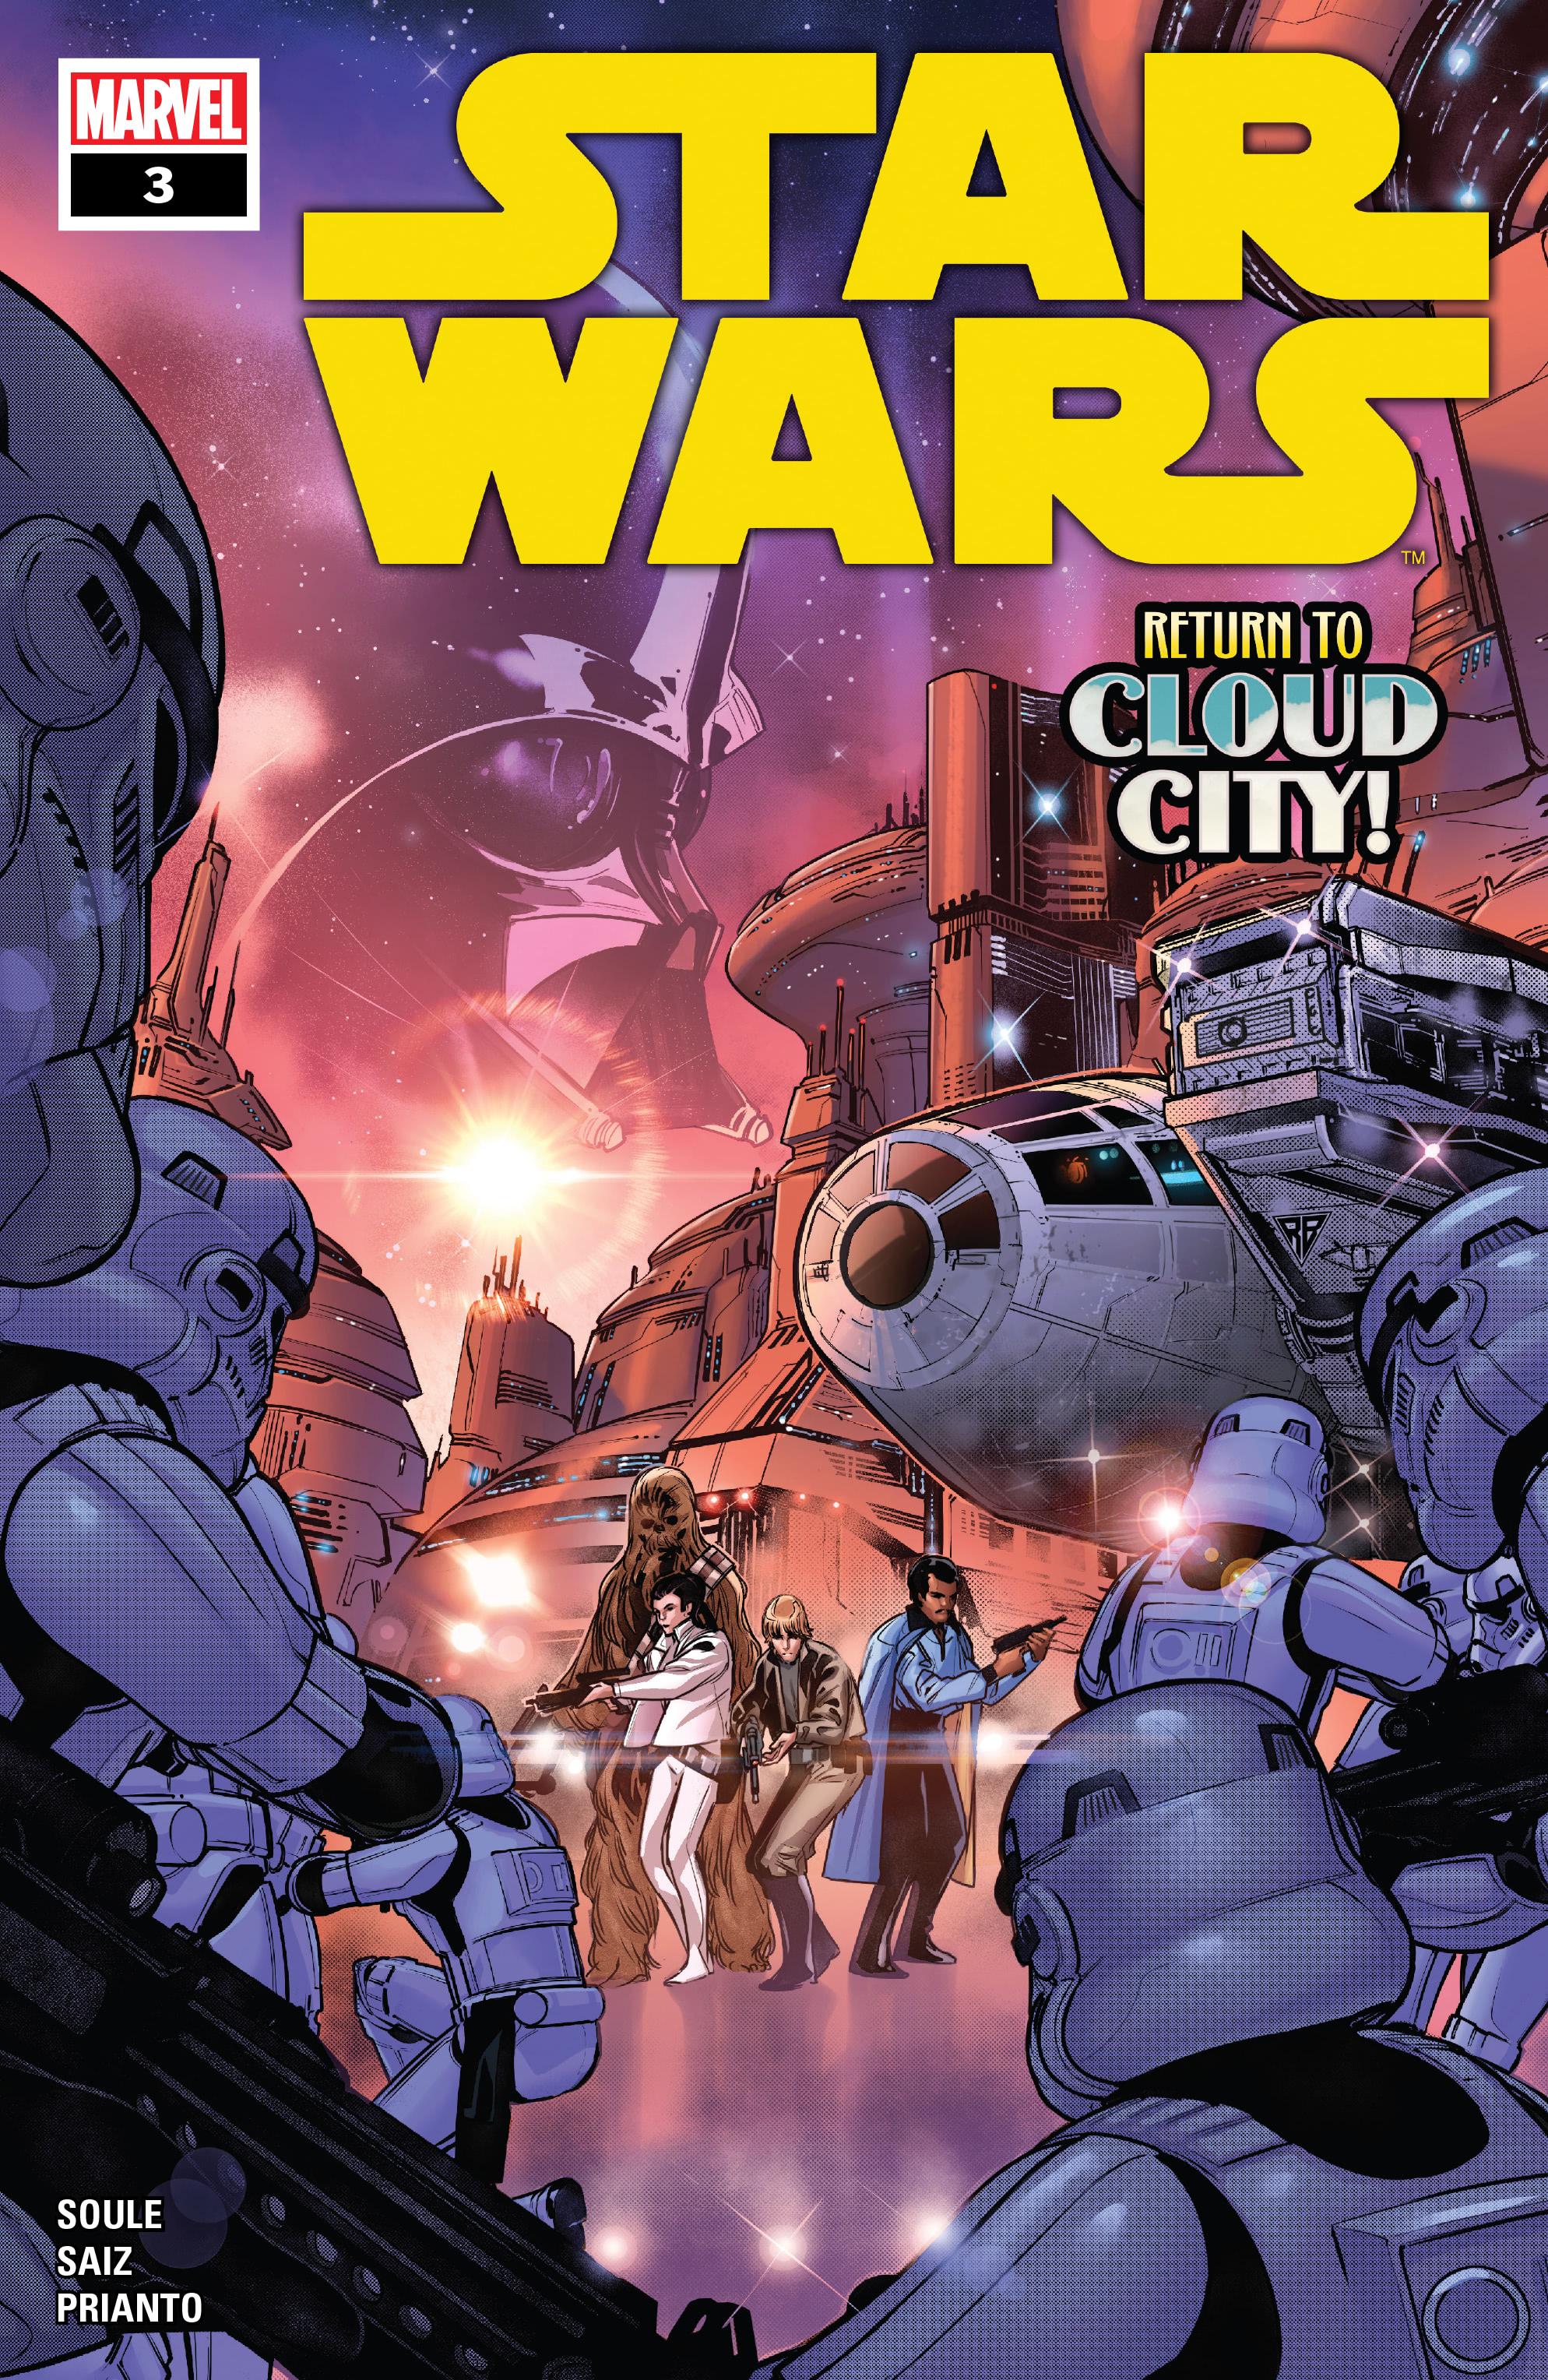 Звёздные войны 3: Путь судьбы, часть 3